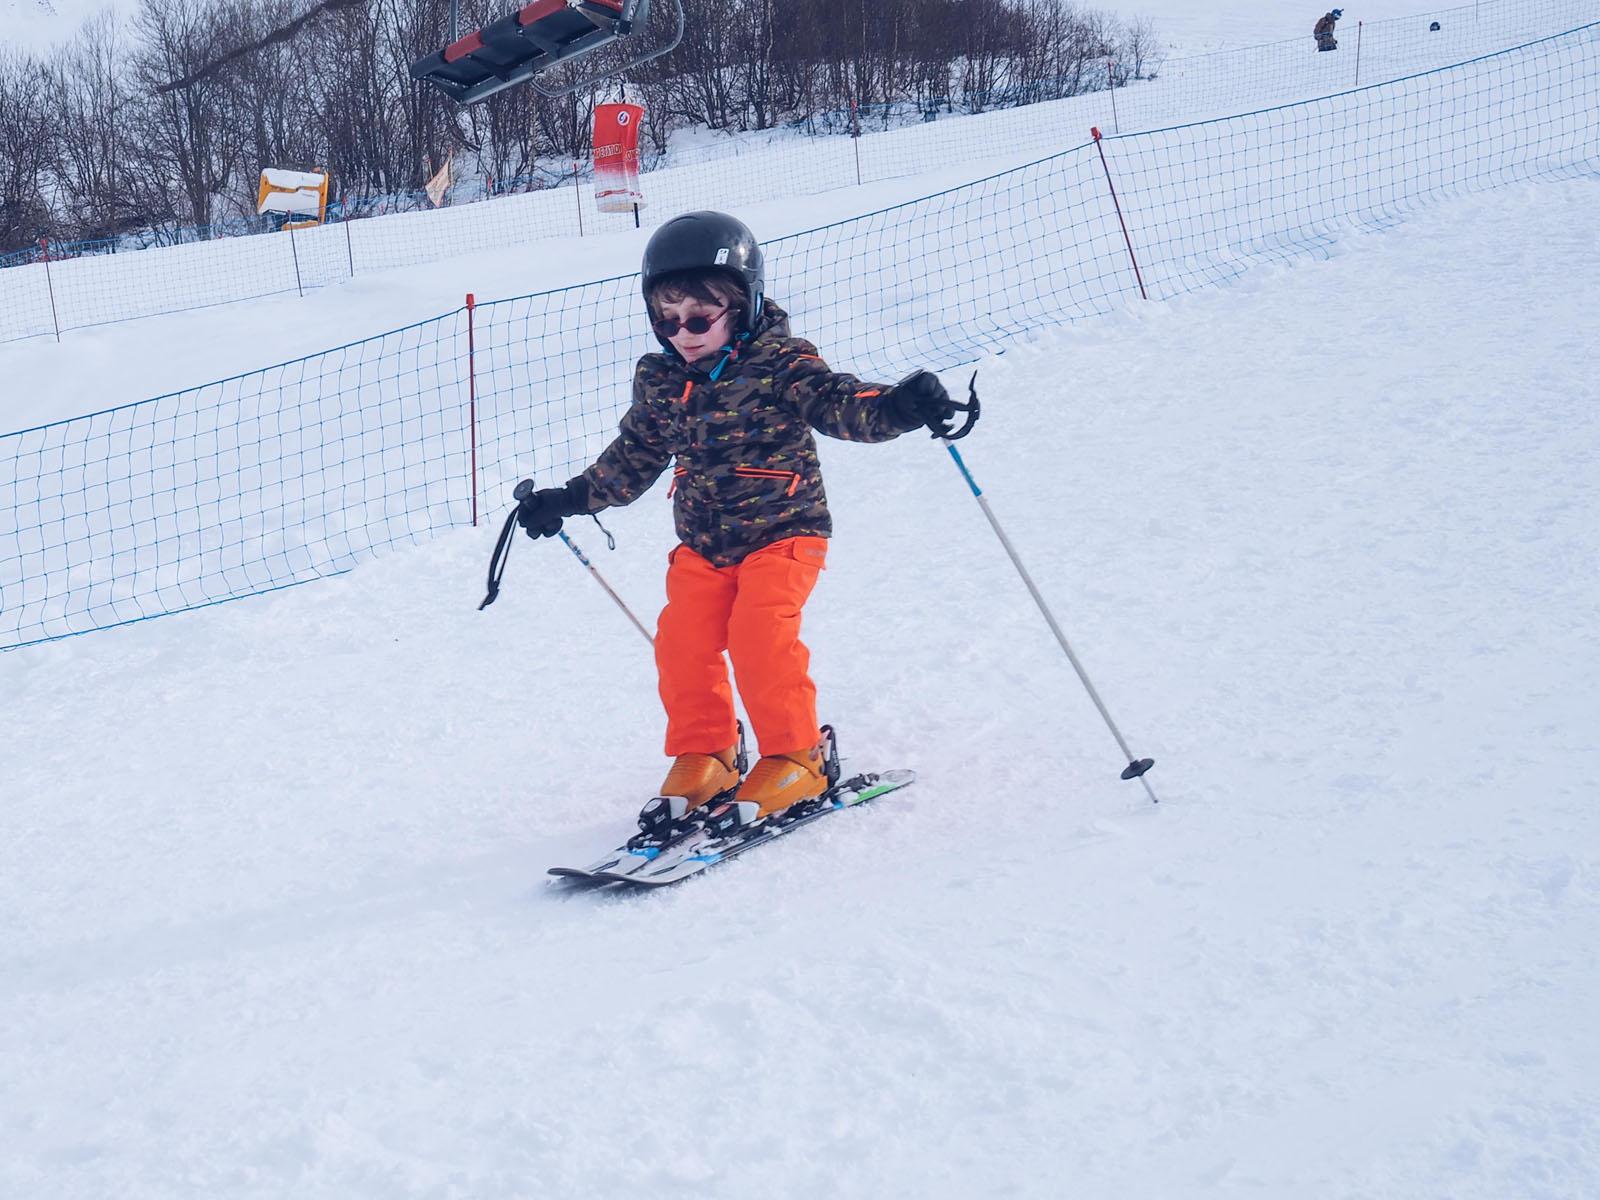 Vacances au ski en famille Hautes Pyrenees bonnes adresses hotel station l La Fiancee du Panda blog mariage et lifestyle-